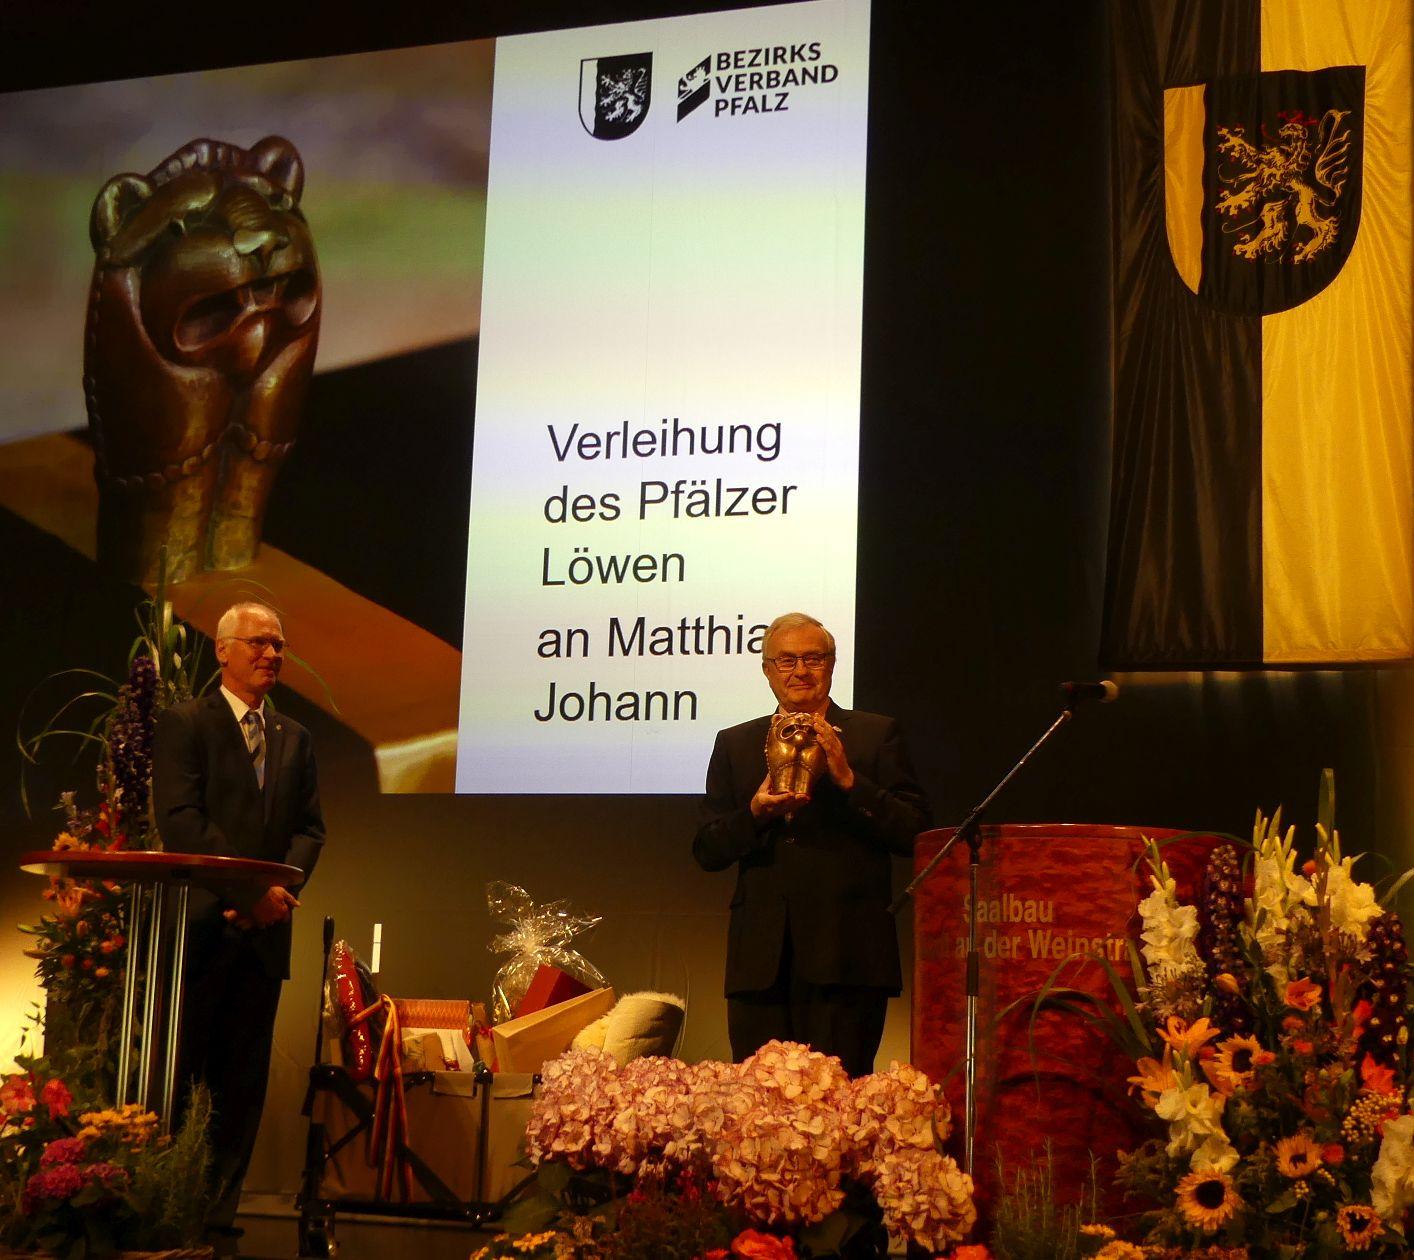 Bezirksverband Pfalz: Leitender Verwaltungsdirektor mit Pfälzer Löwen geehrt